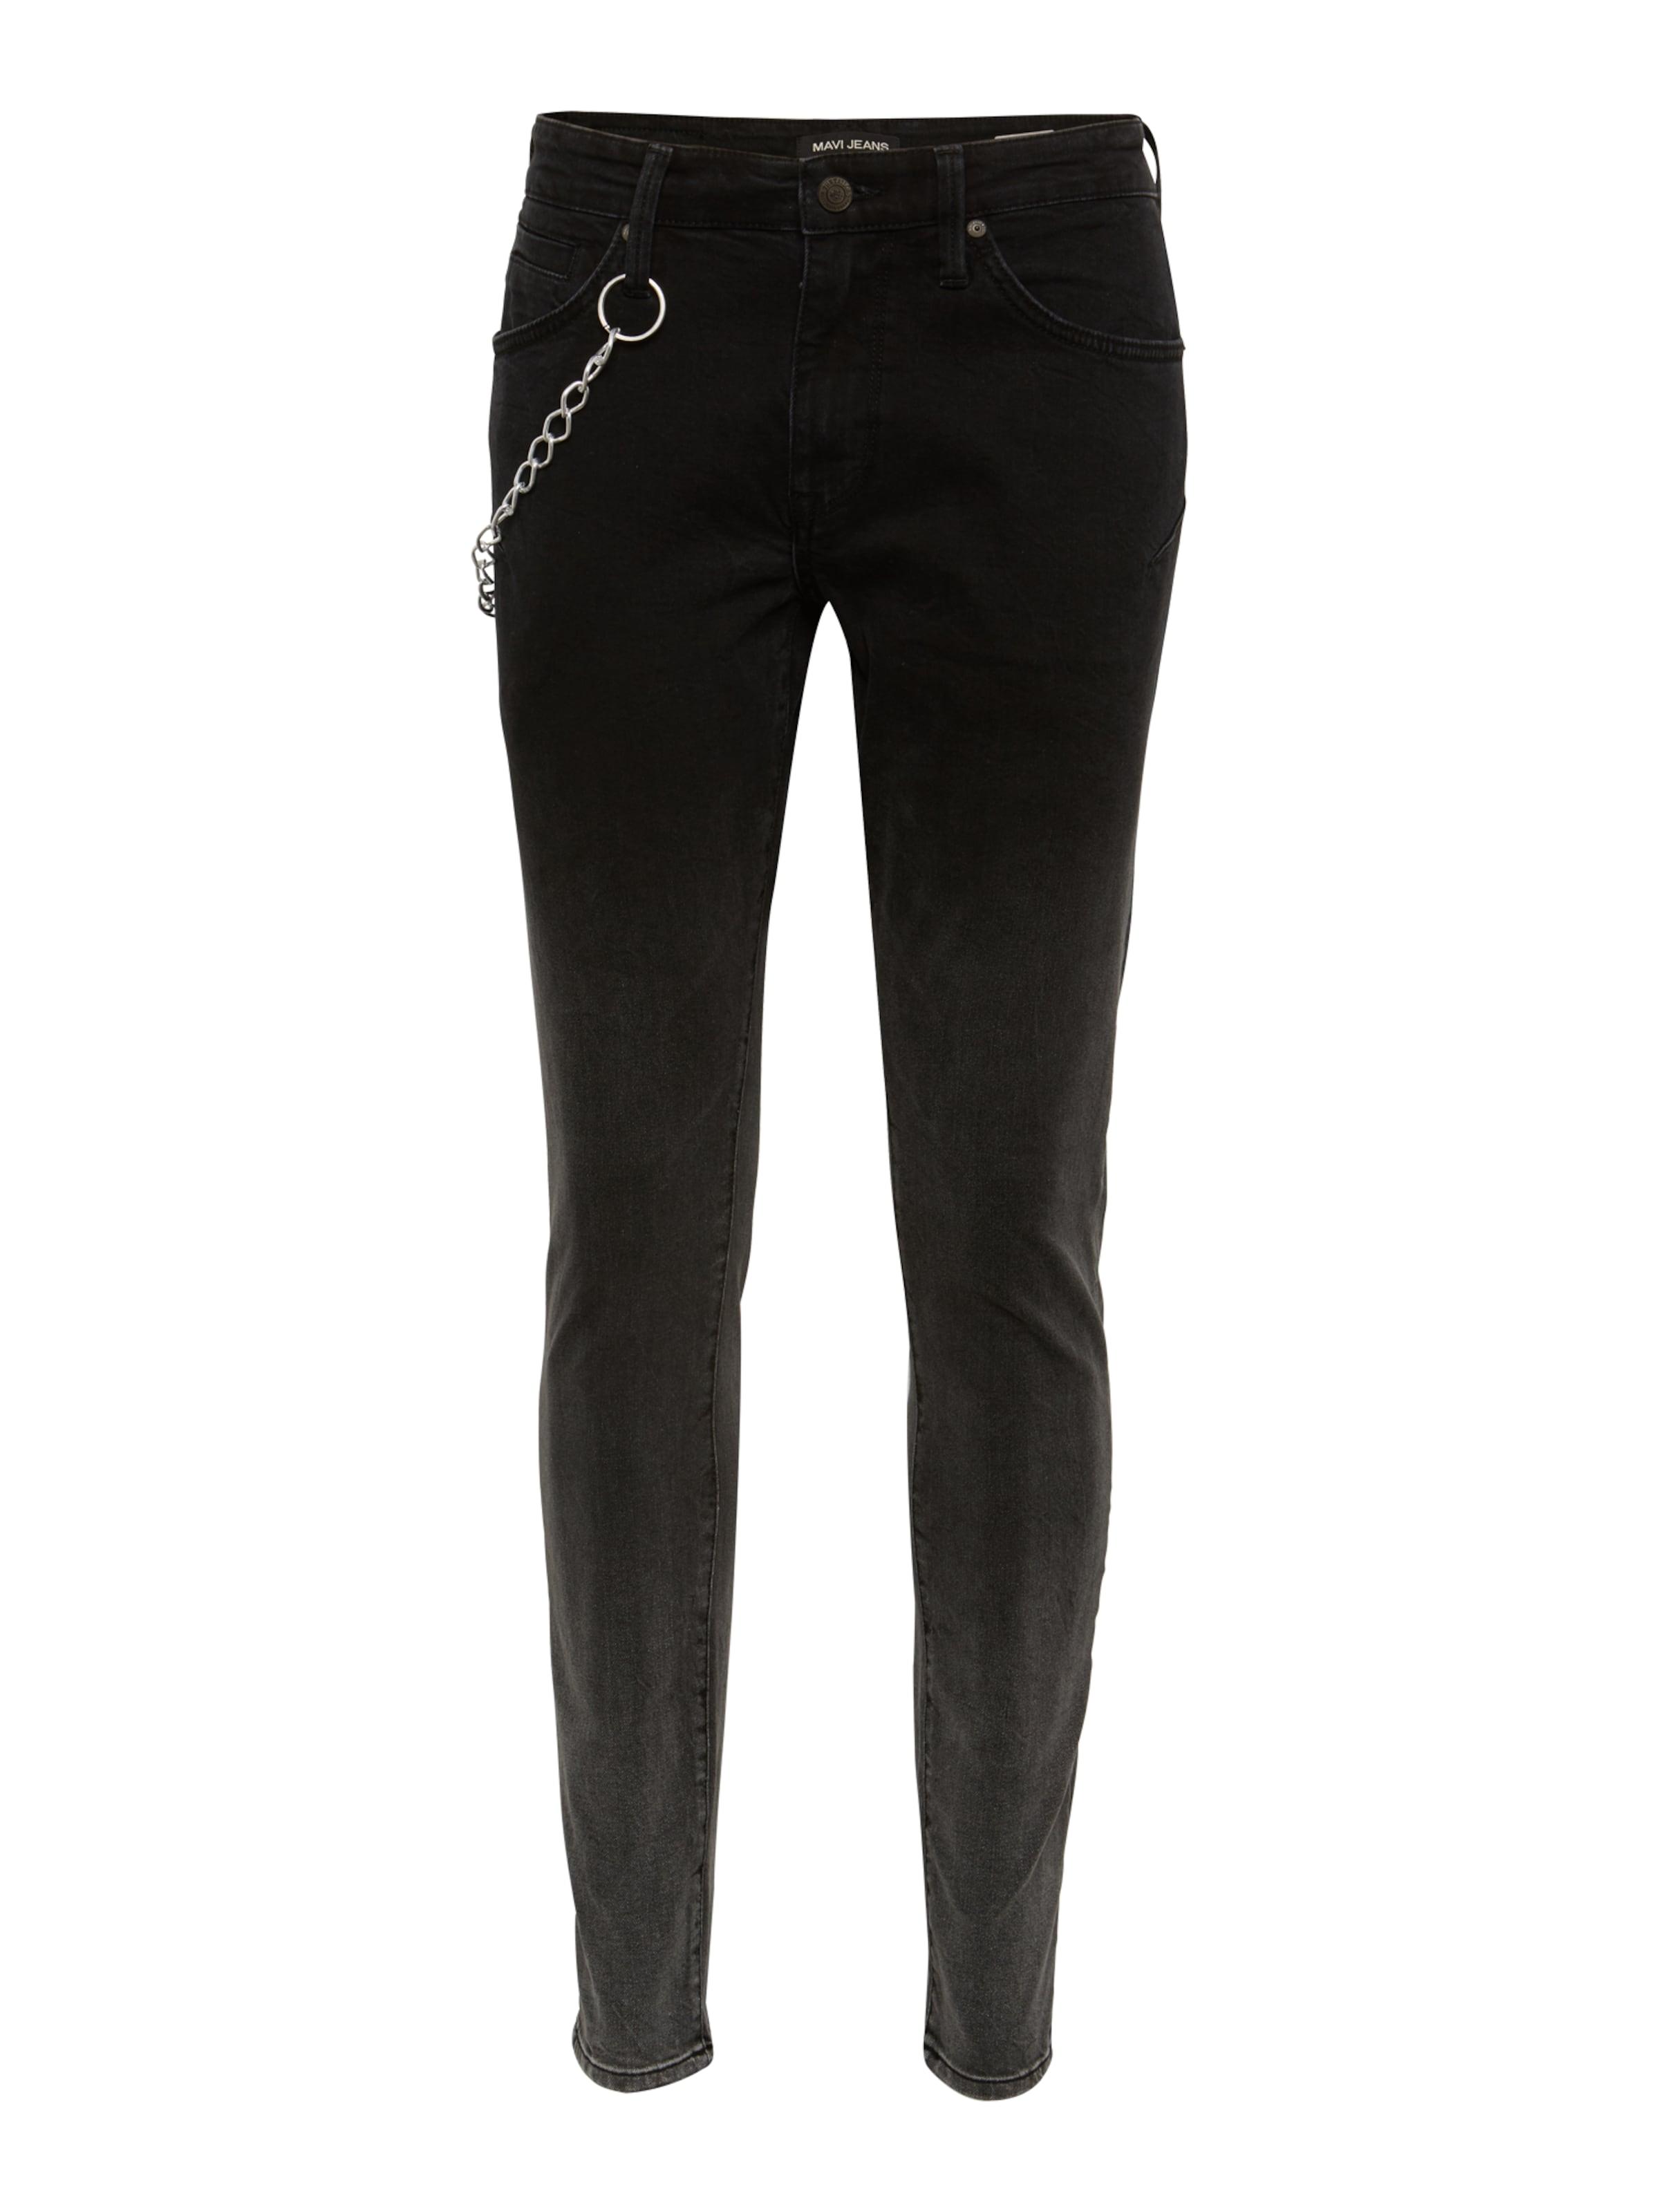 'leo' In Jeans Black Denim Mavi zVpSUqM